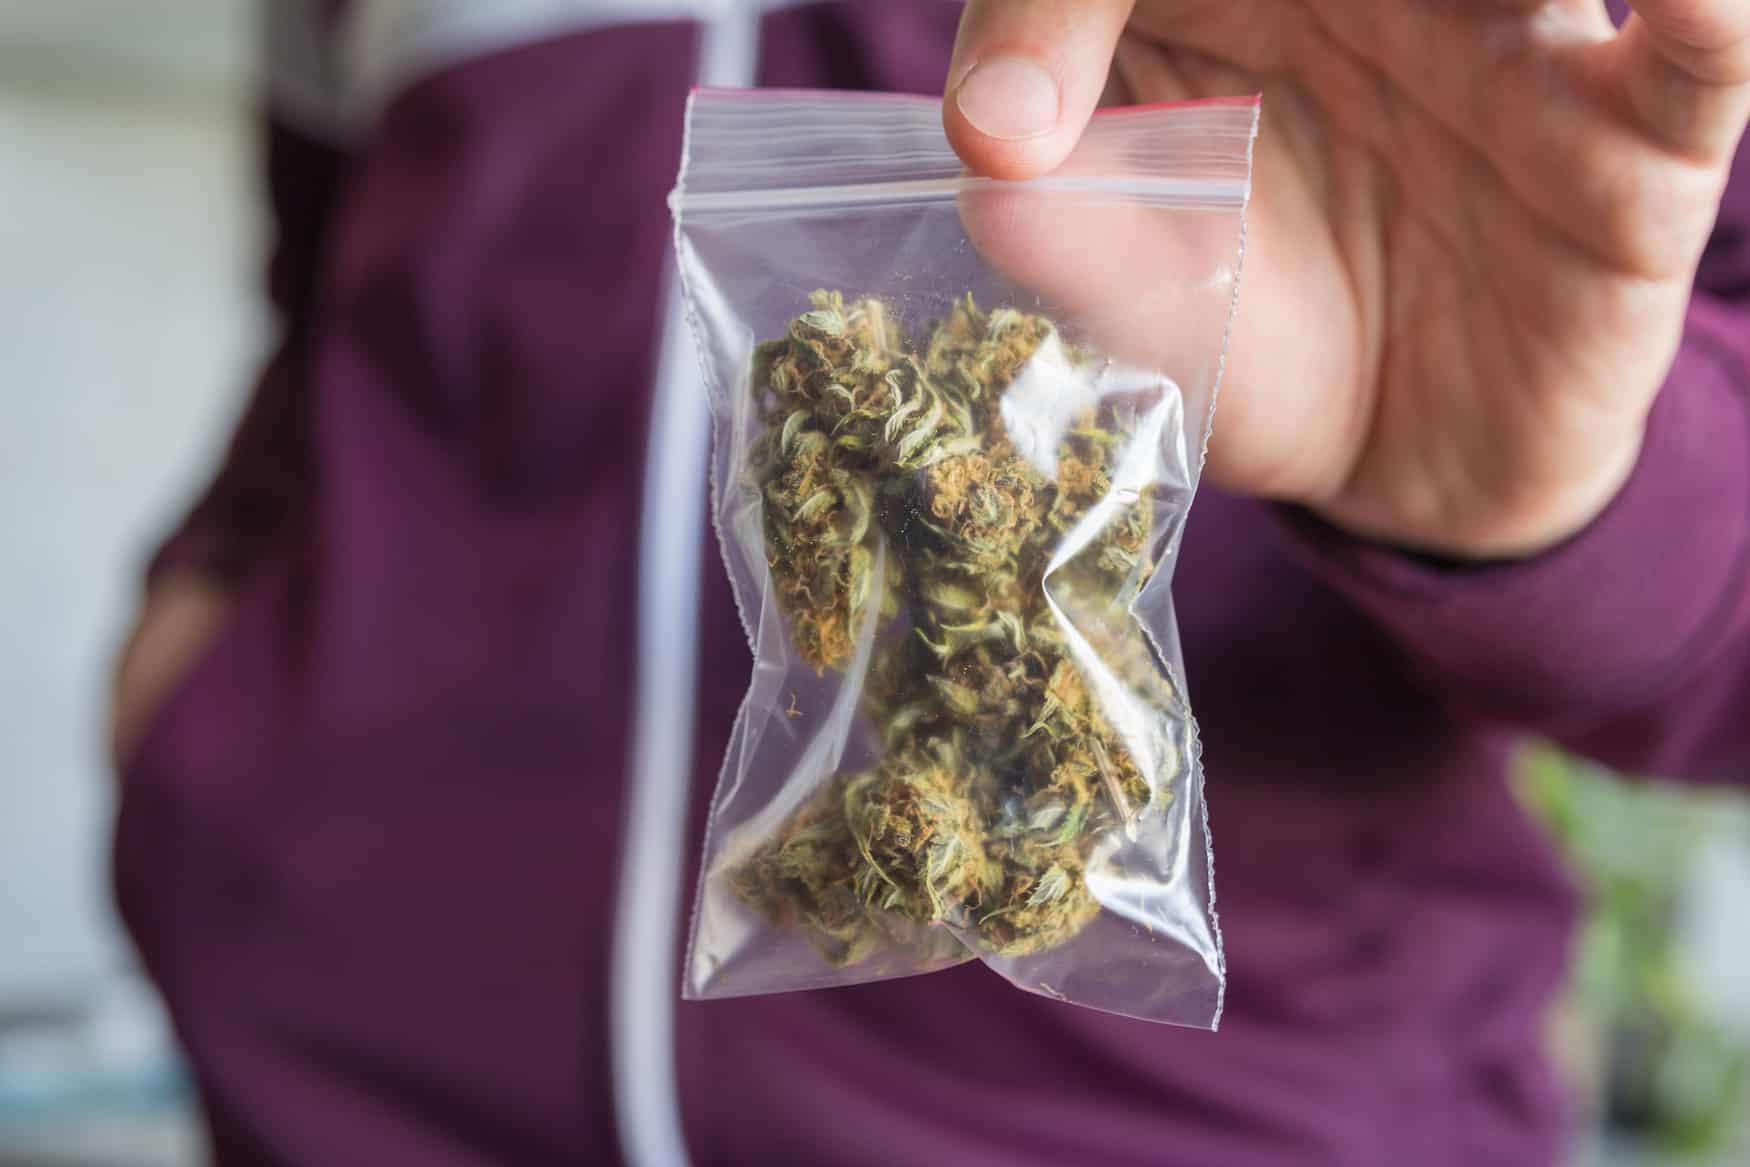 Mann, der Cannabisblüten im Baggy zeigt.